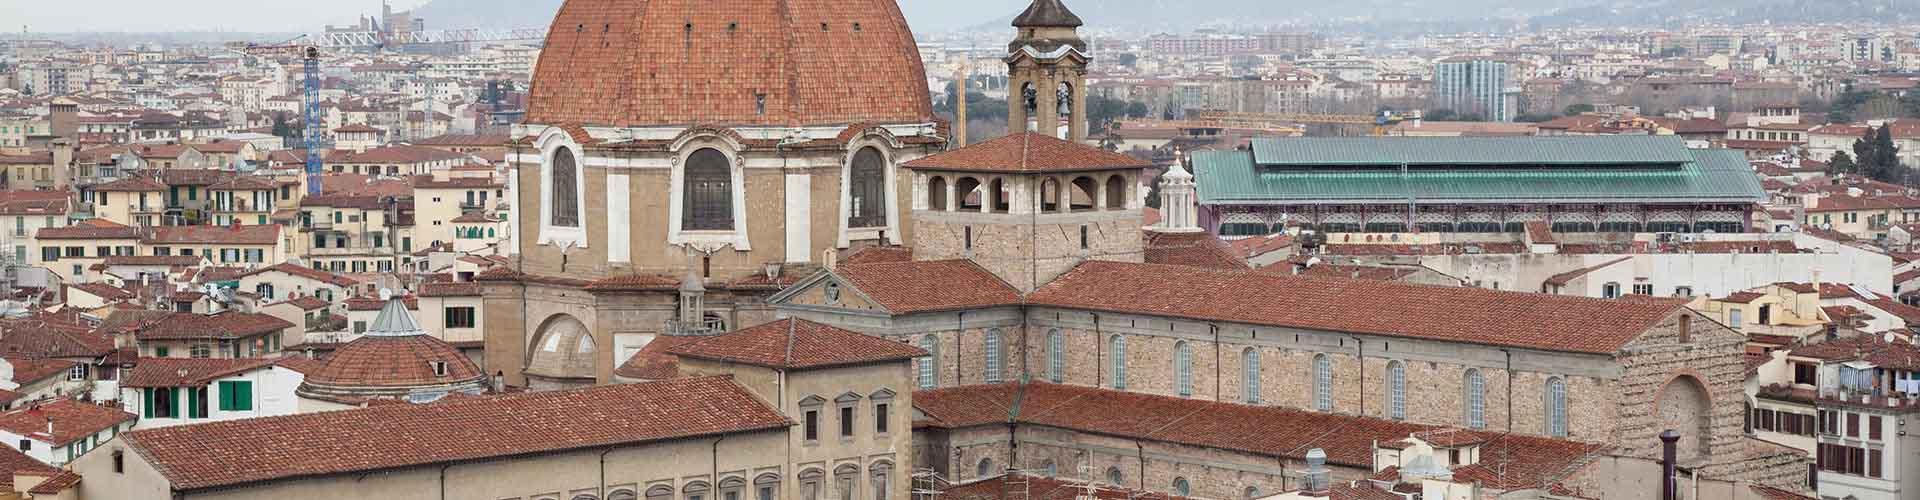 Florence - Appartements dans le quartier de San Lorenzo. Cartes pour Florence, photos et commentaires pour chaque appartement à Florence.